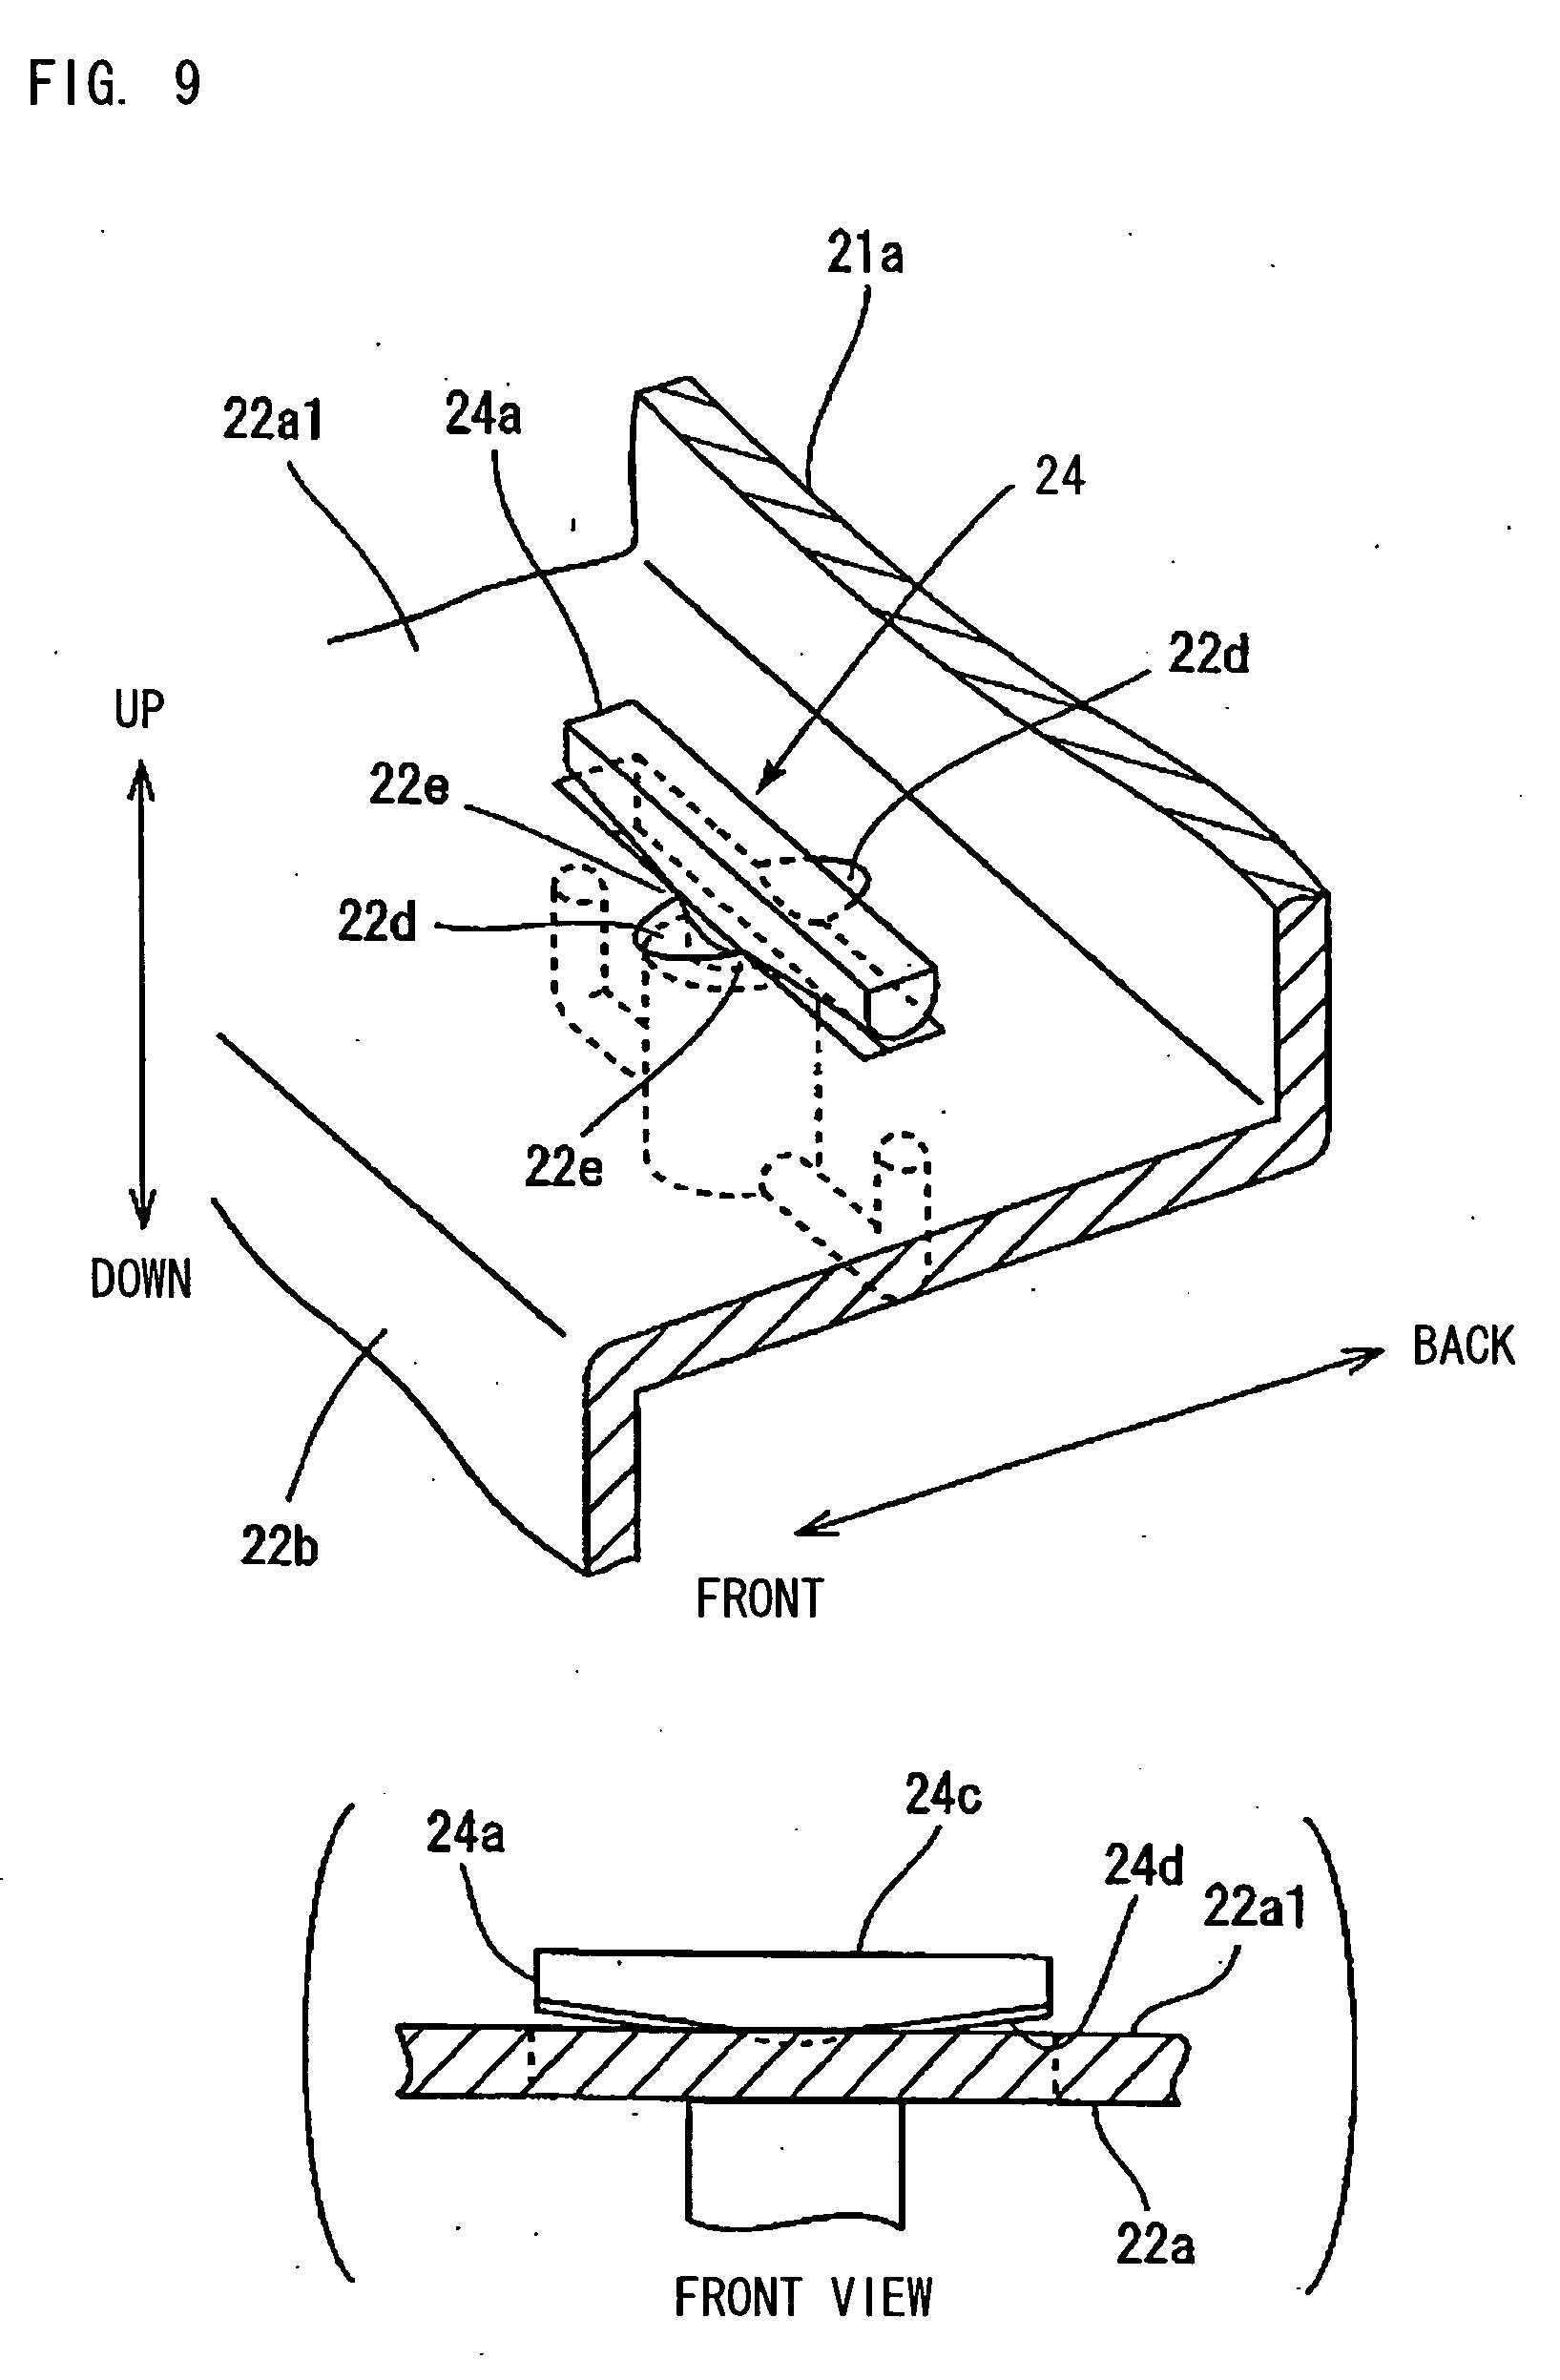 warn winch wiring diagram 28396 warn winch schematic